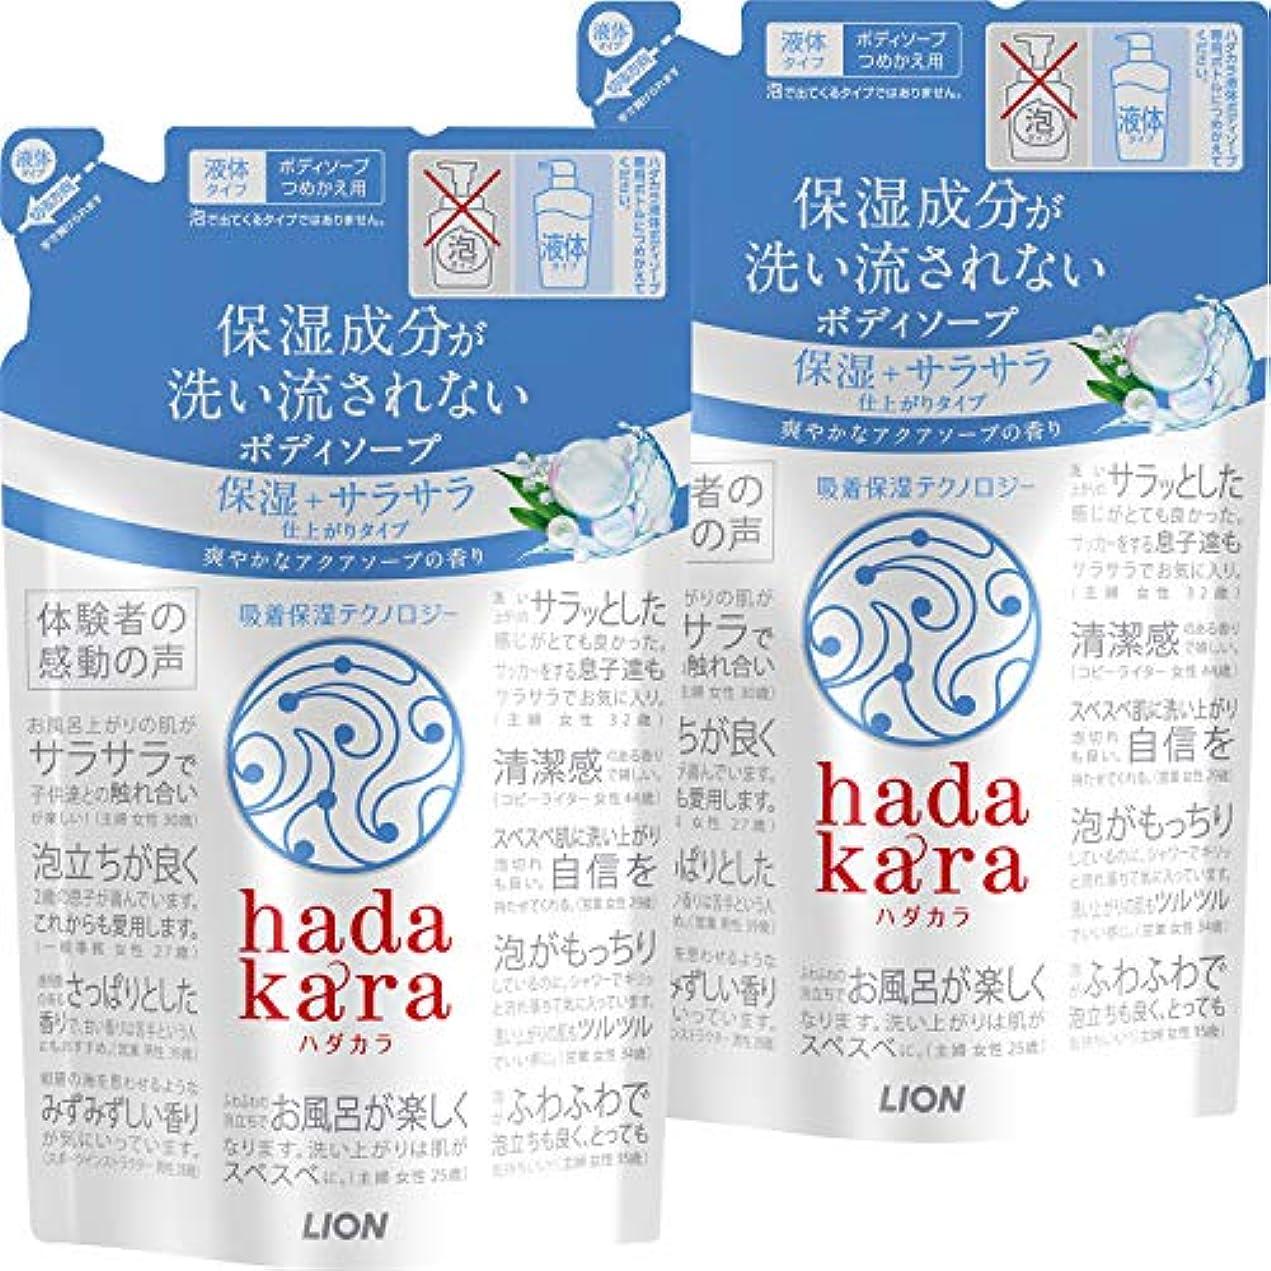 解説愛撫工業用【まとめ買い】hadakara(ハダカラ) ボディソープ 保湿+サラサラ仕上がりタイプ アクアソープの香り 詰め替え 340ml×2個パック